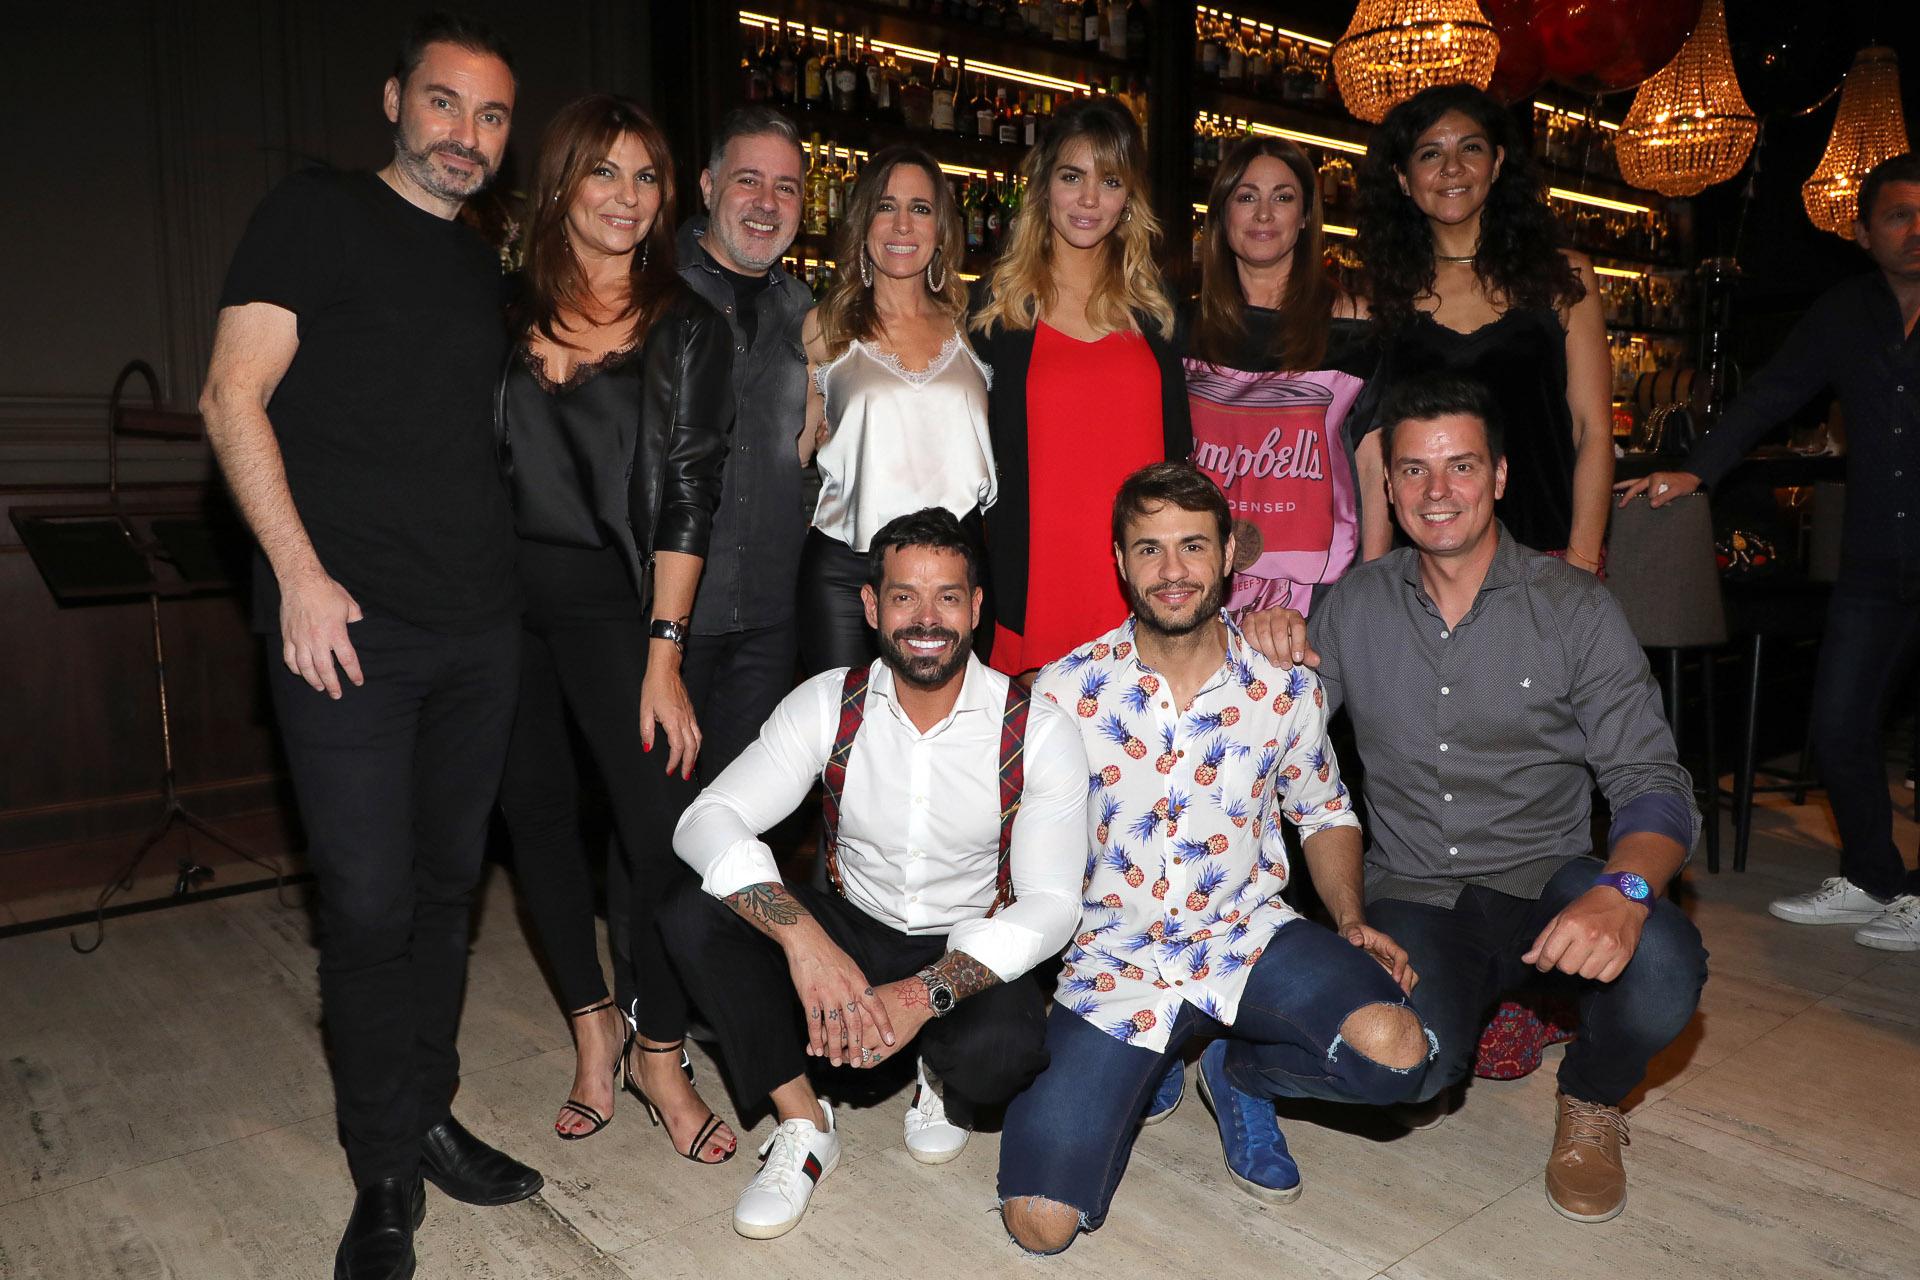 El equipo del programa de El Trece se divirtió en el Bar Presidente, ubicado en Recoleta (Crédito: Christian Bochichio / Teleshow)